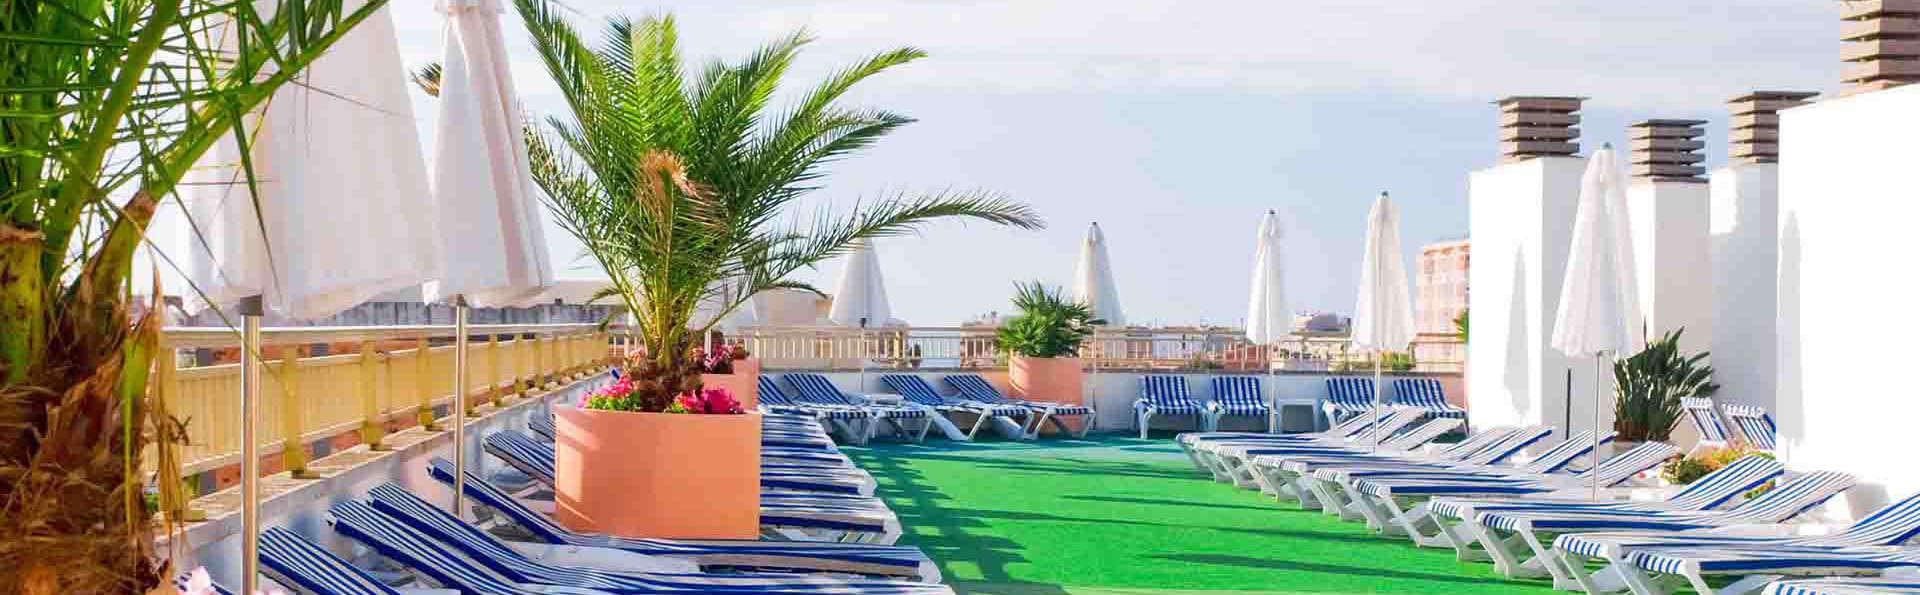 Hotel Mercè - EDIT_PHOTO_SOLARIUM_01.jpg